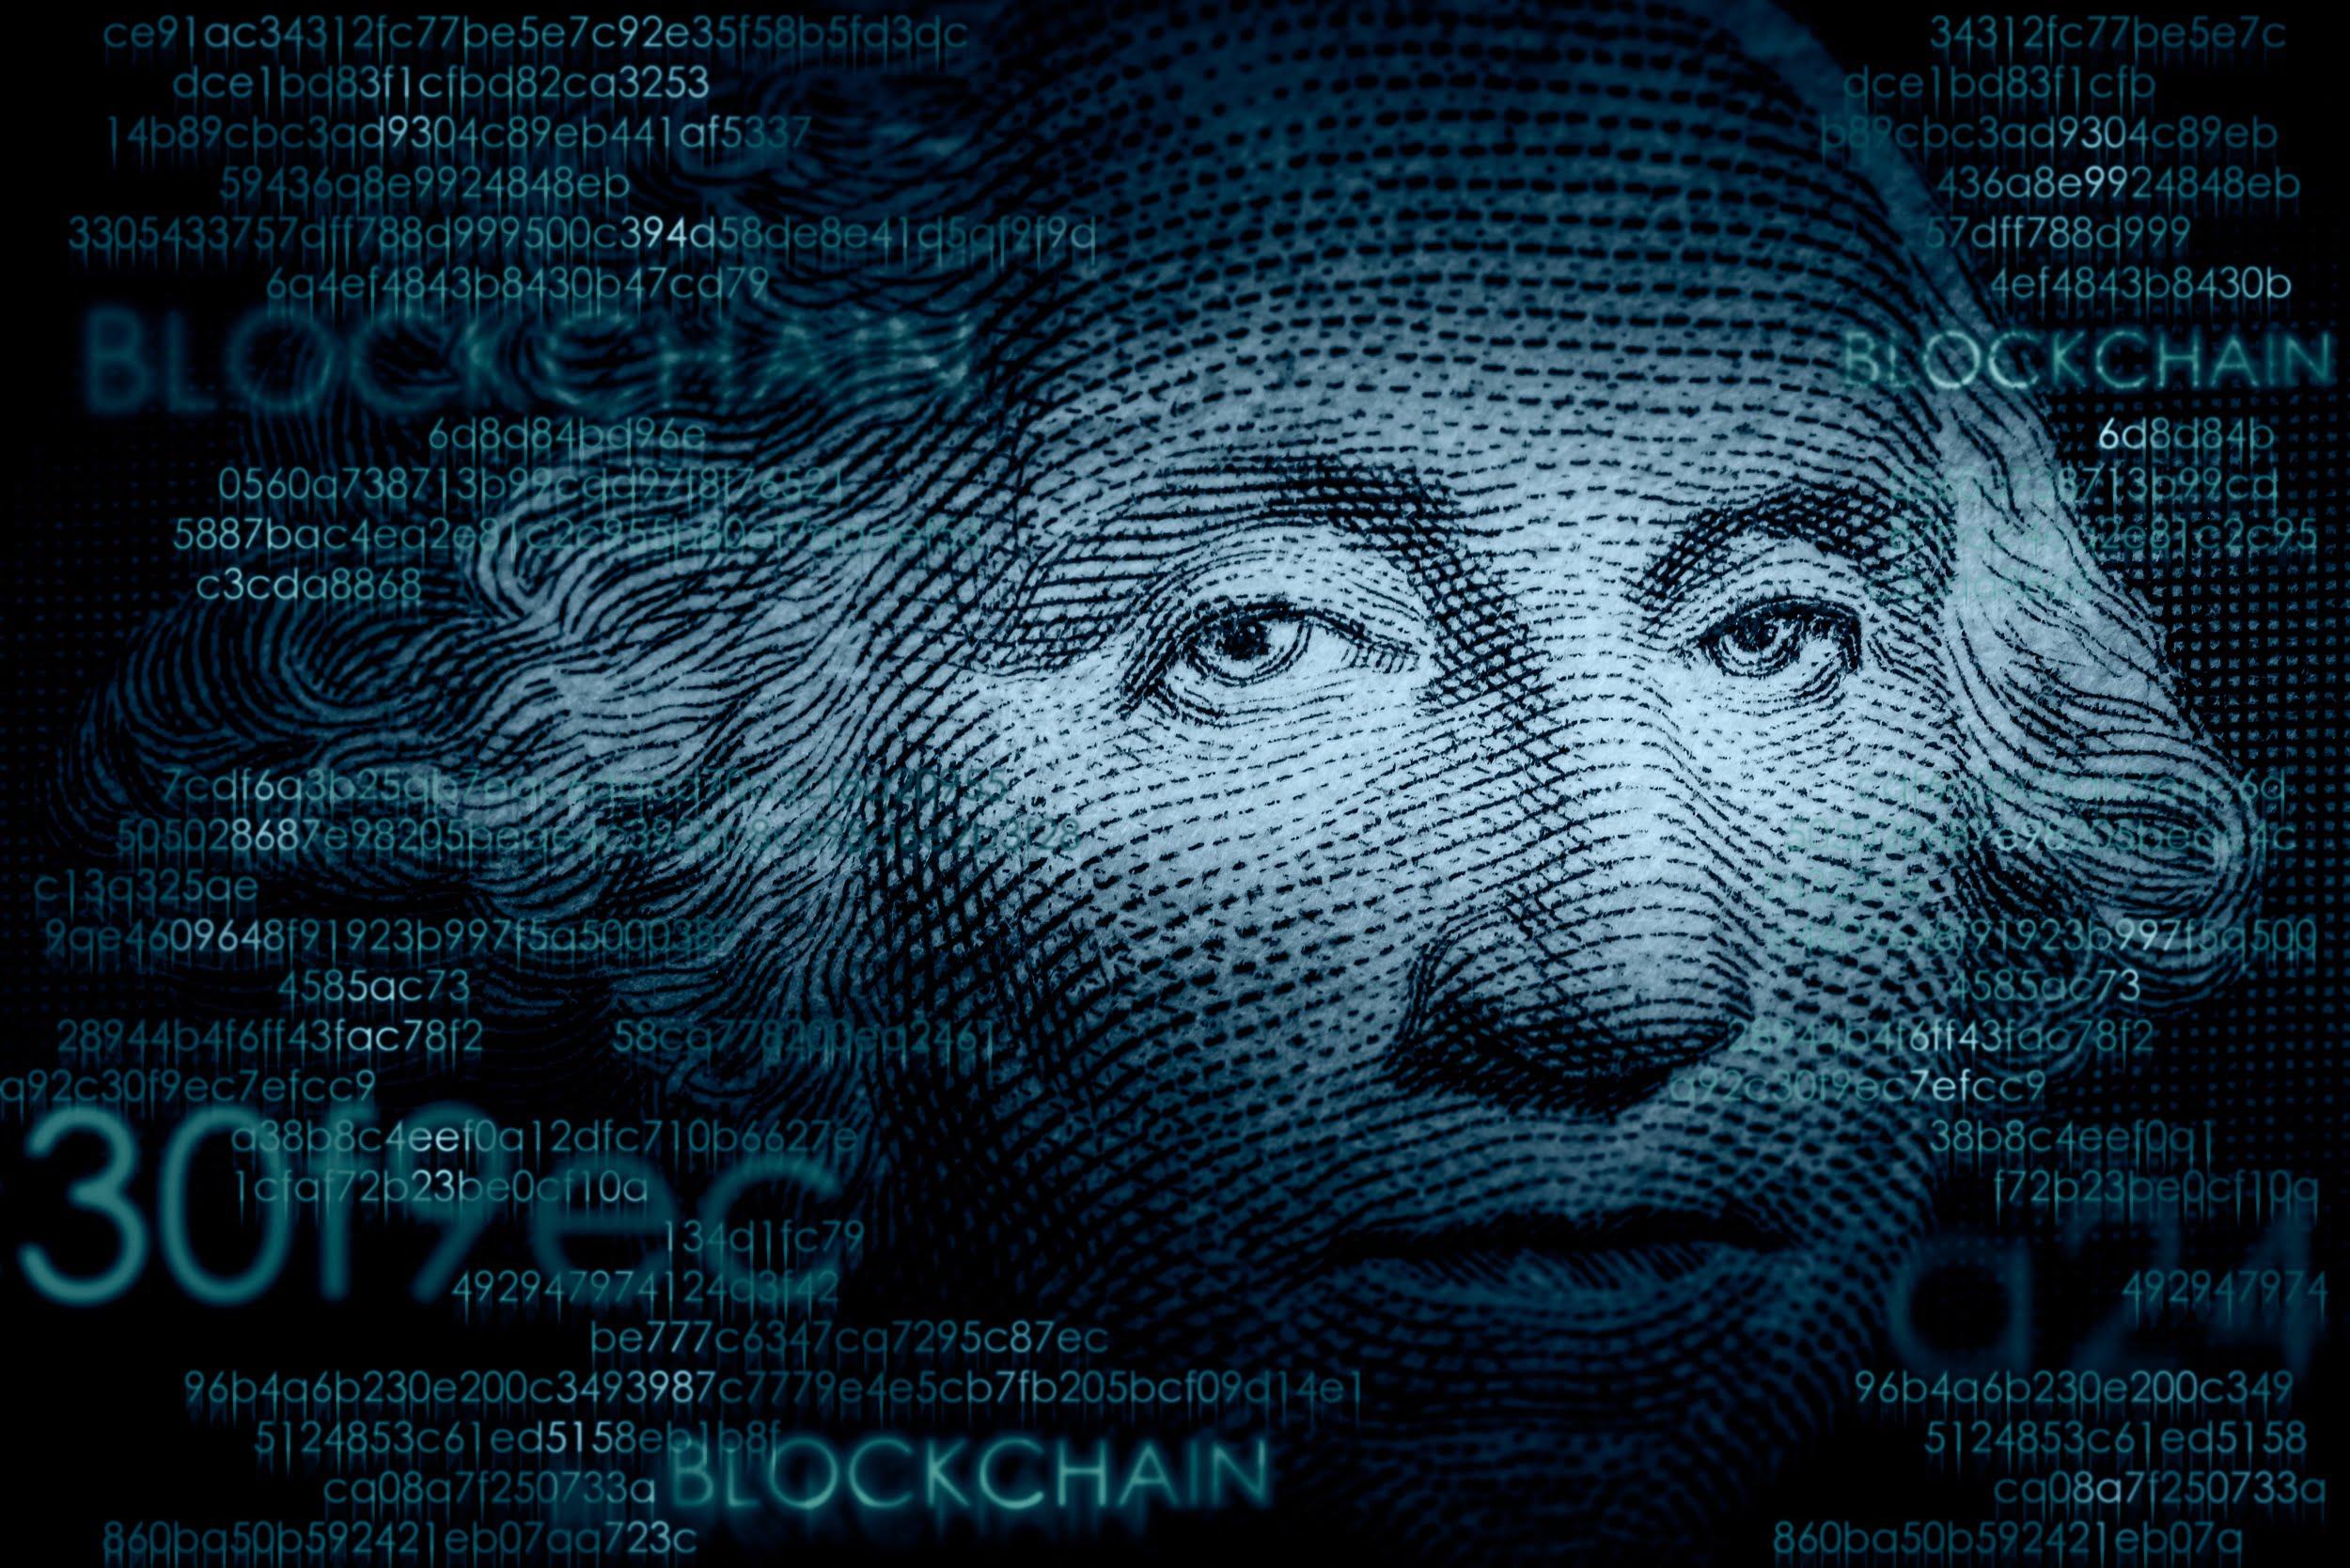 El gobierno de EE. UU. Quiere tomar medidas contra las criptomonedas